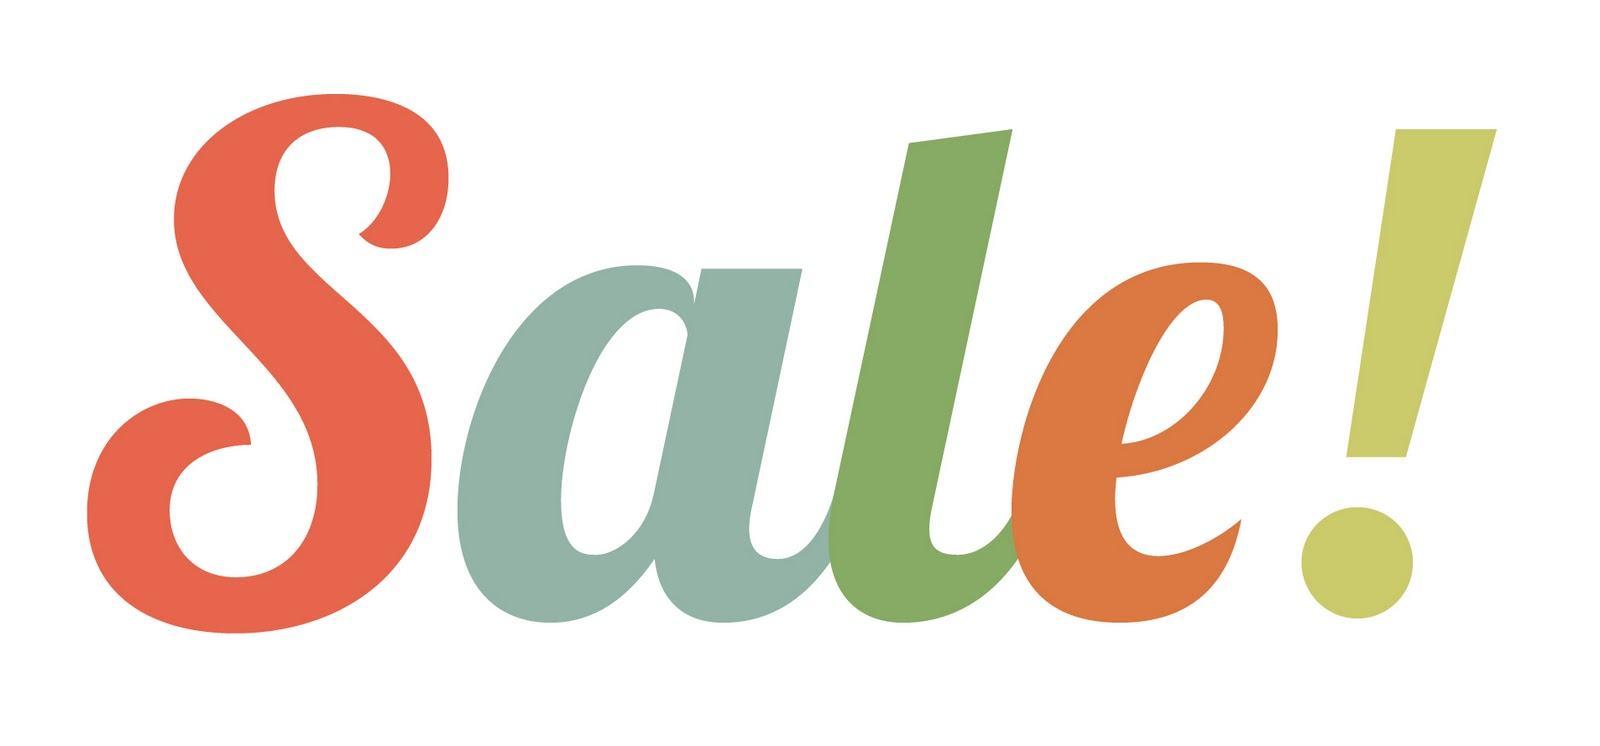 sales - Kinh nghiệm bán hàng xách tay cho người mới bắt đầu